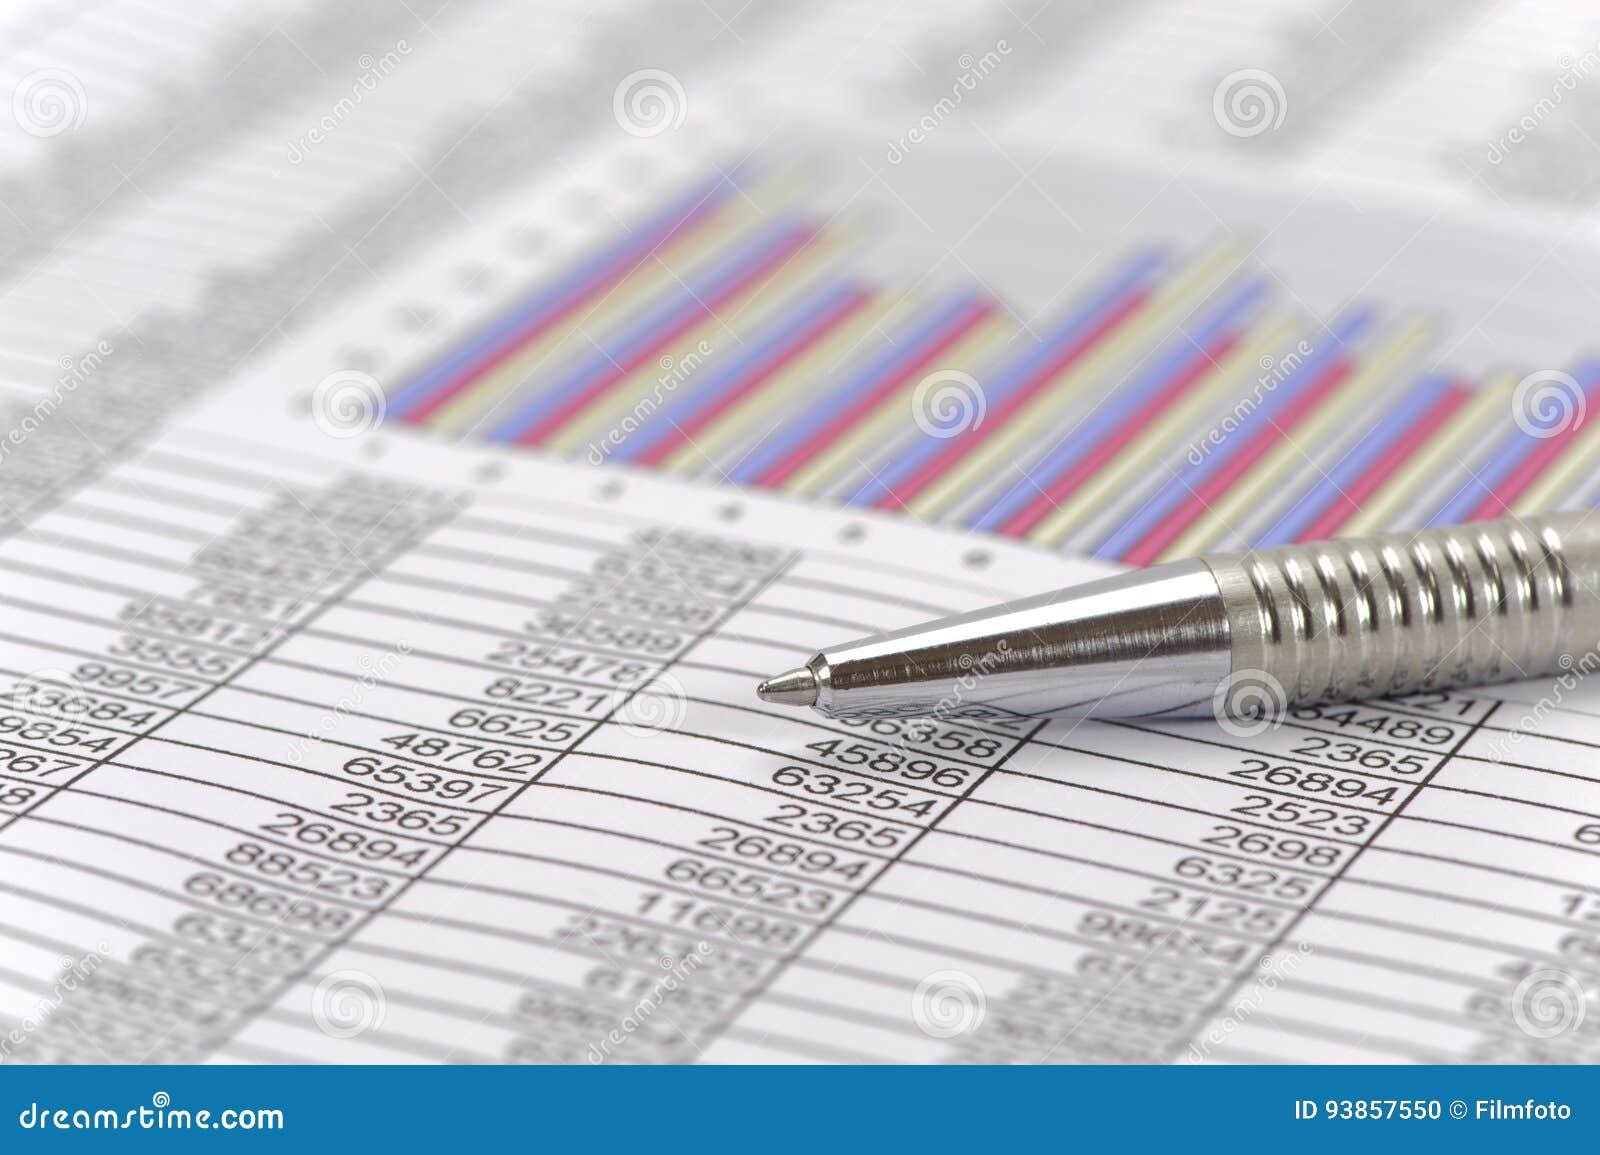 Contabilidade financeira com pena e calculadora